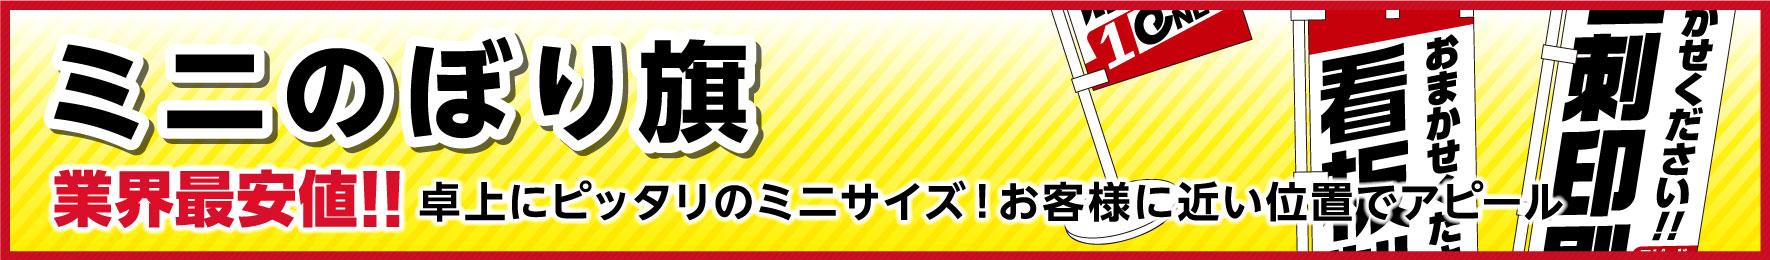 【ミニのぼり旗】業界最安値!!ミニのぼり旗をお値打ち価格でご提供します。